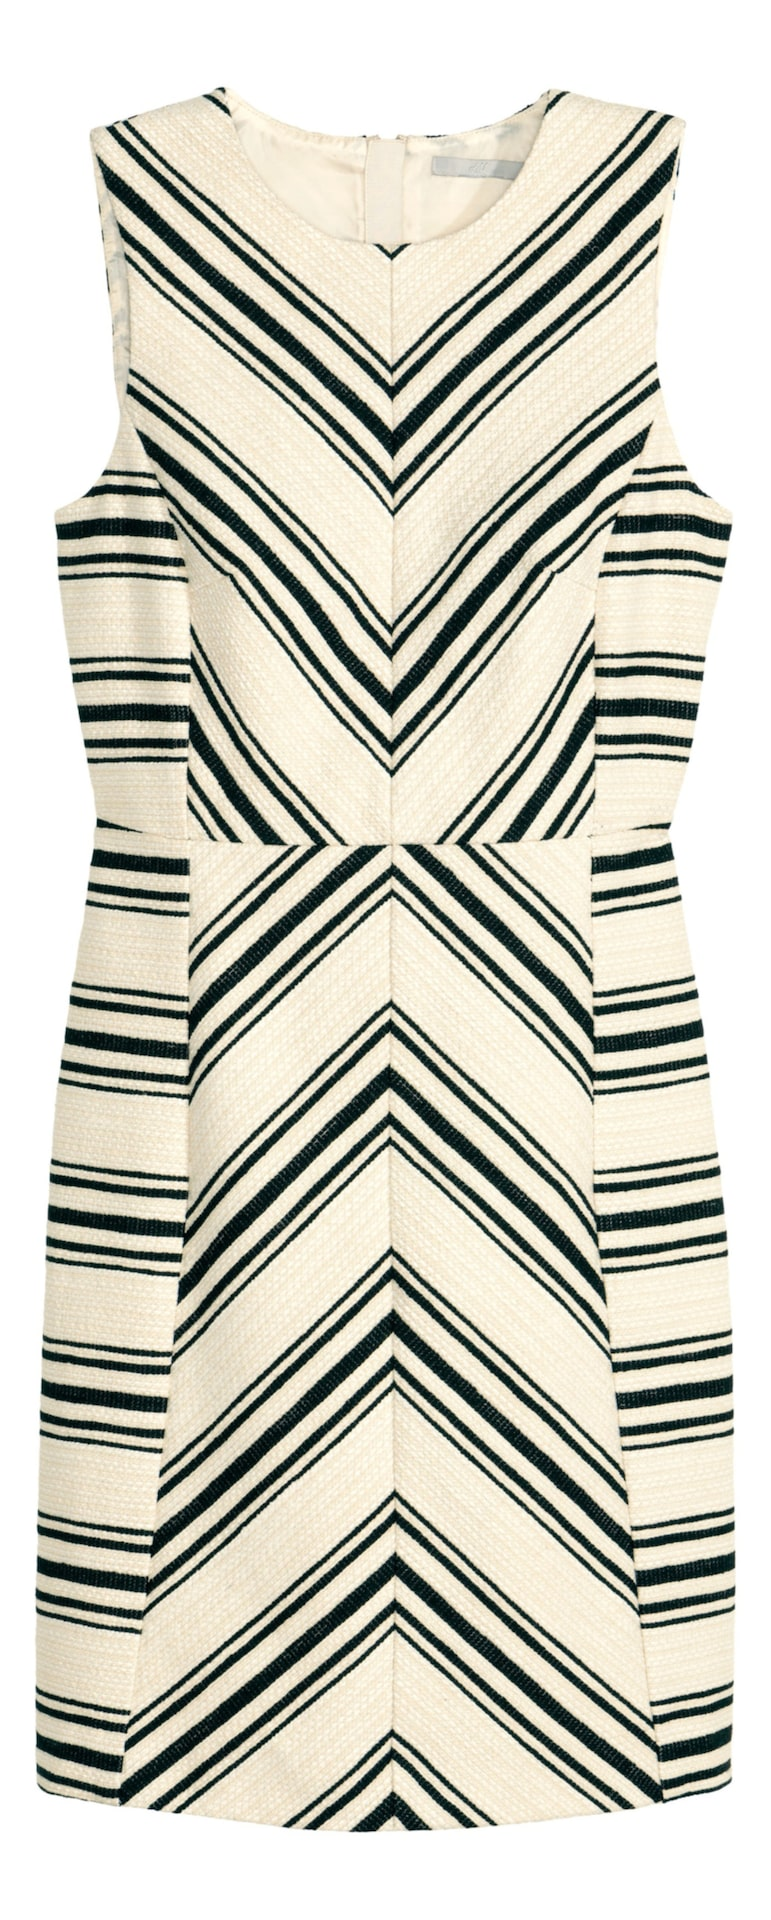 Grafiskt. En ärmlös klänning i strukturvävd kvalitet med grafiskt mönster som ger en smaleffekt. Klänningen är figurnära och avskuren i midjan. Synlig dragkedja i ryggen. 399 kronor, Hm.com.